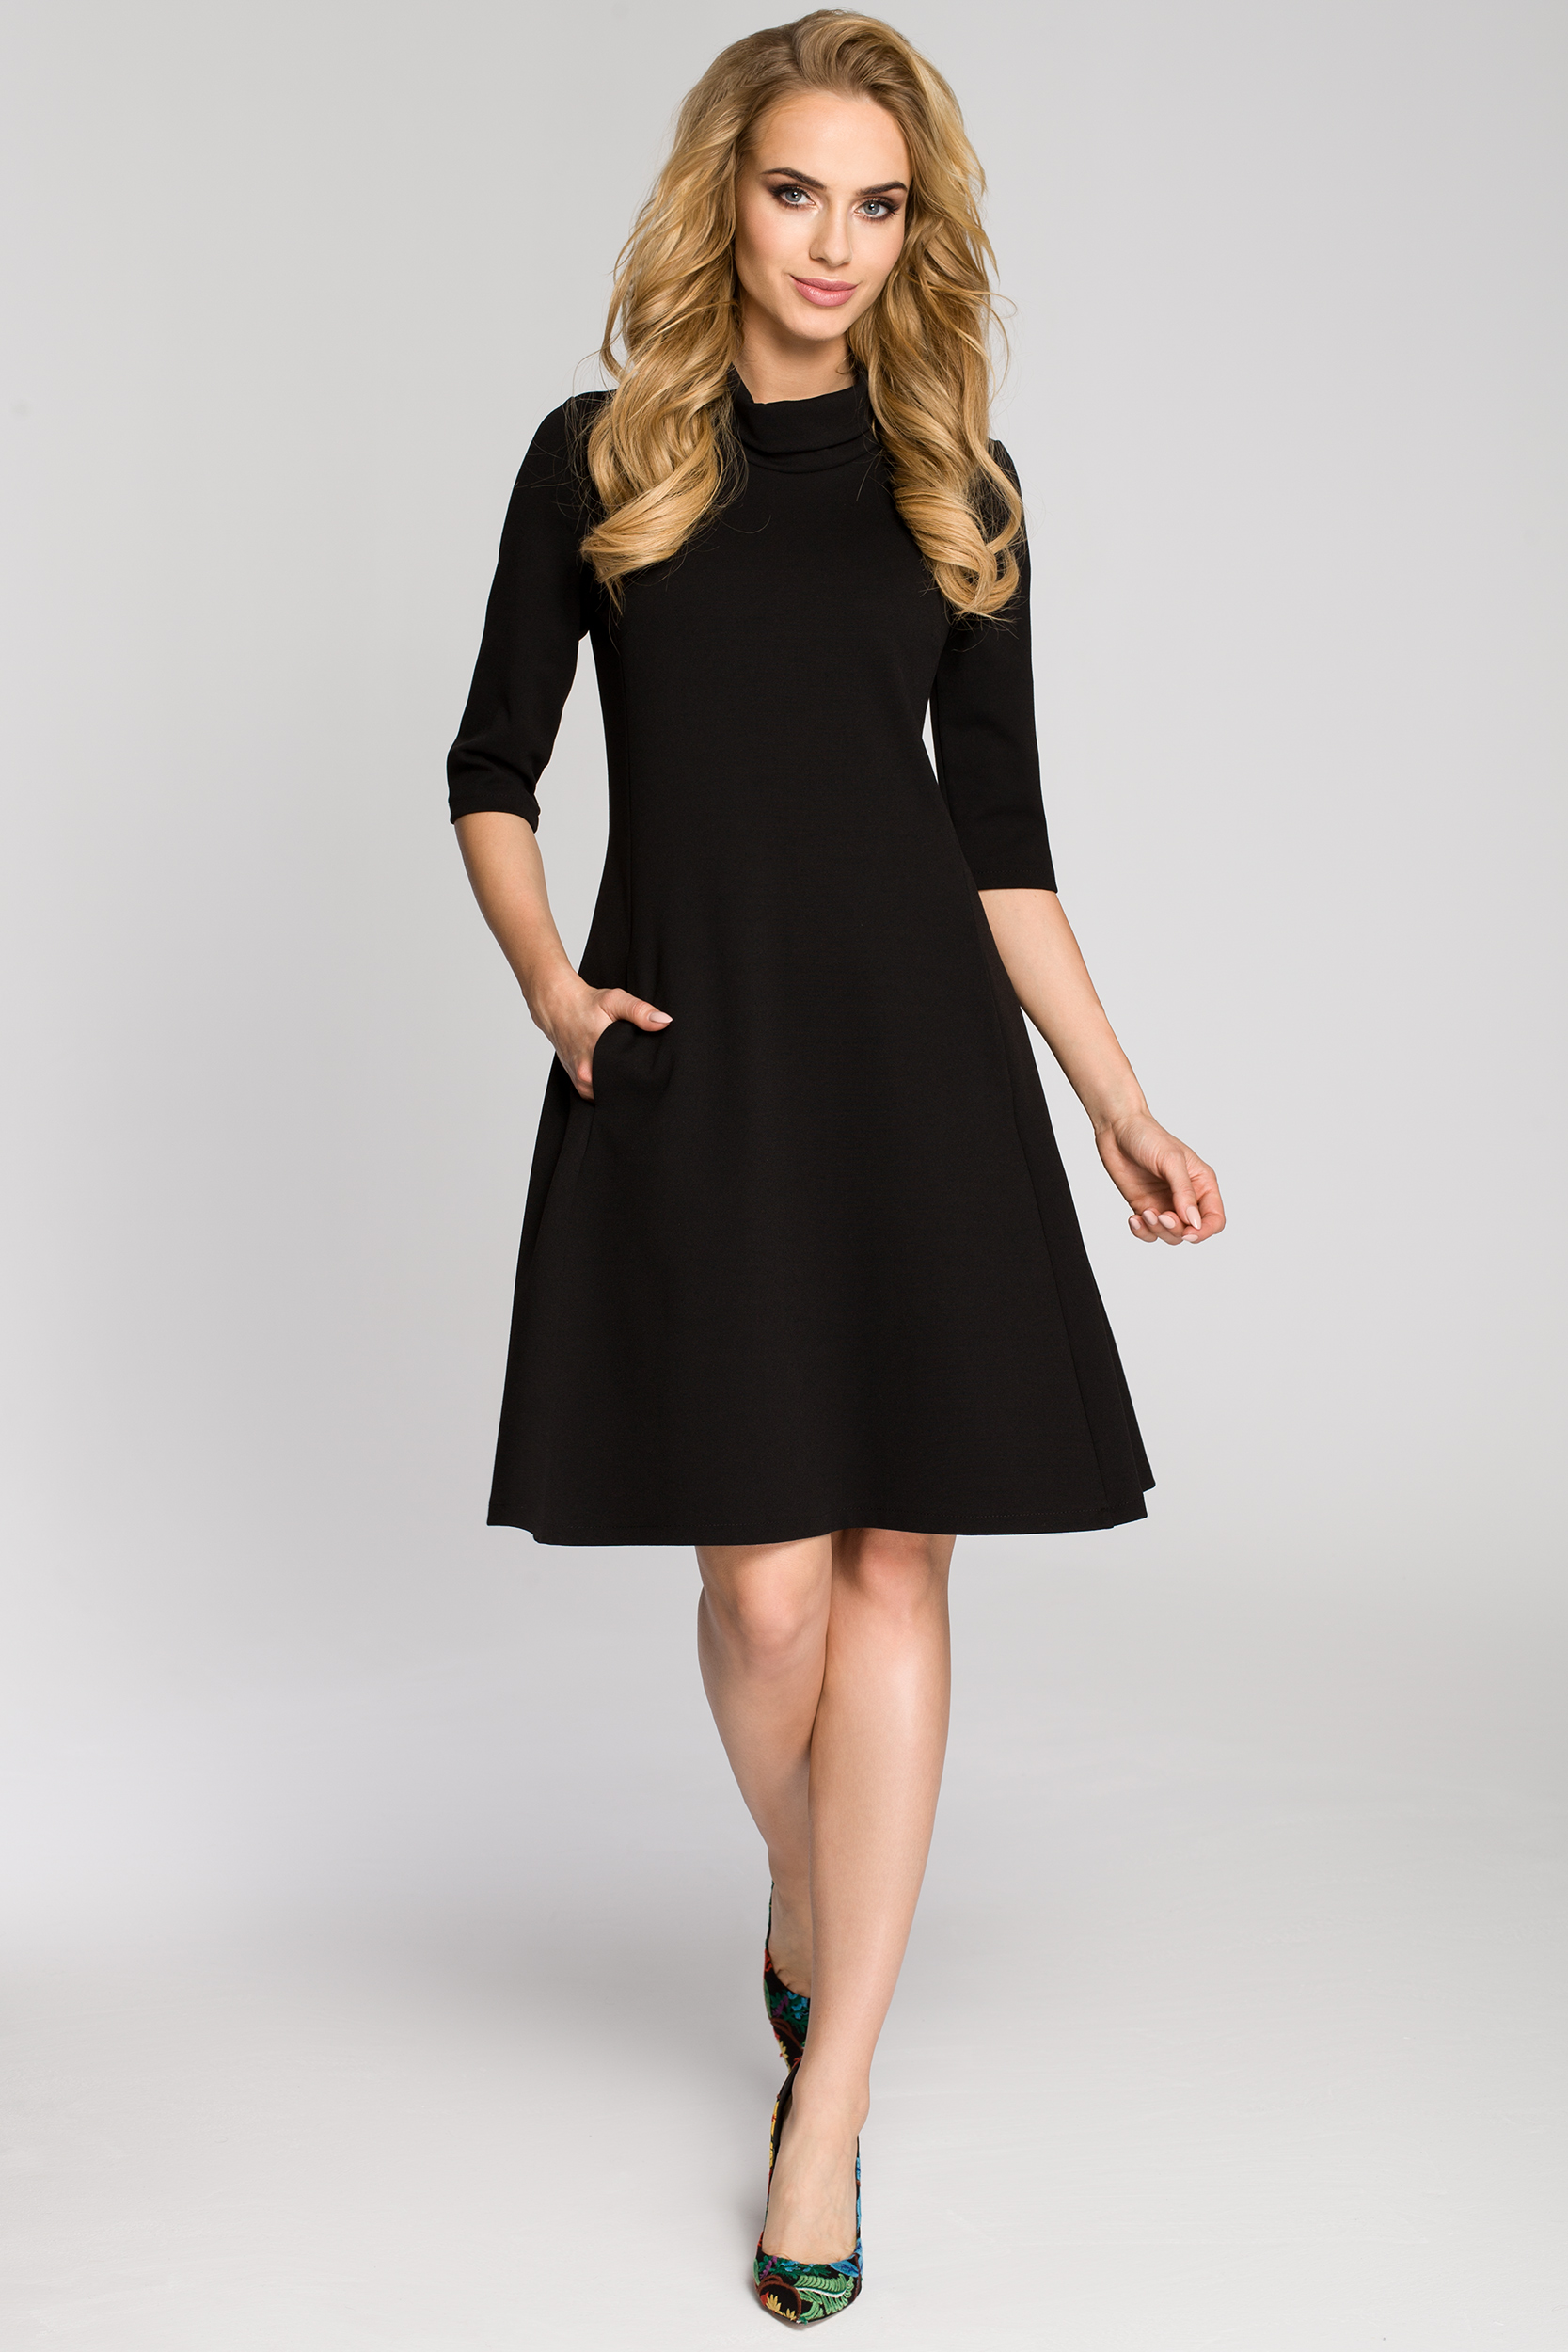 043a4423a7 CM2685 Zwiewna rozkloszowana sukienka midi - czarna ...